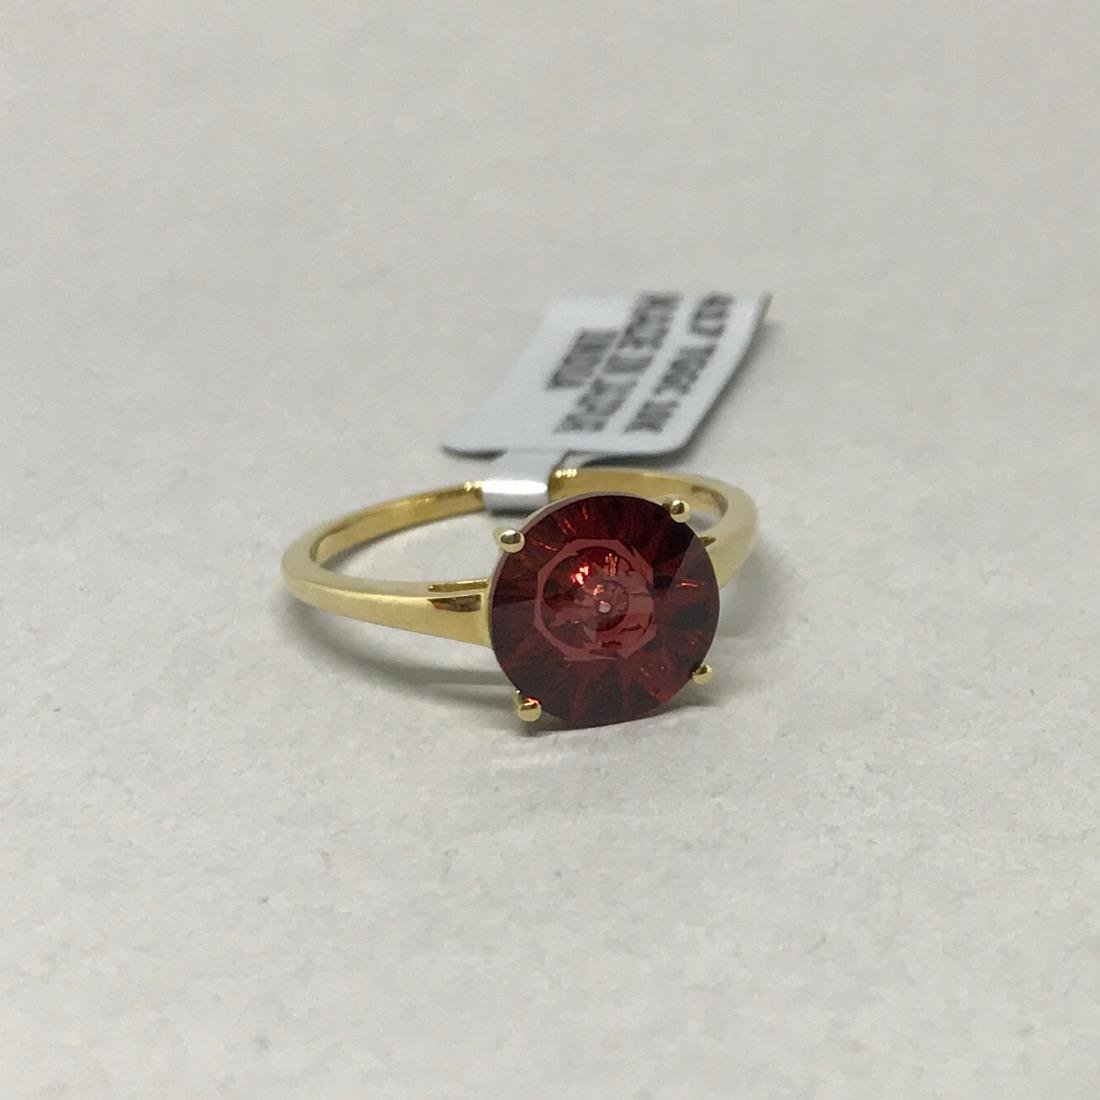 10 Kt Gold Ring w Cognac Topaz Glenn Lehrer - 2